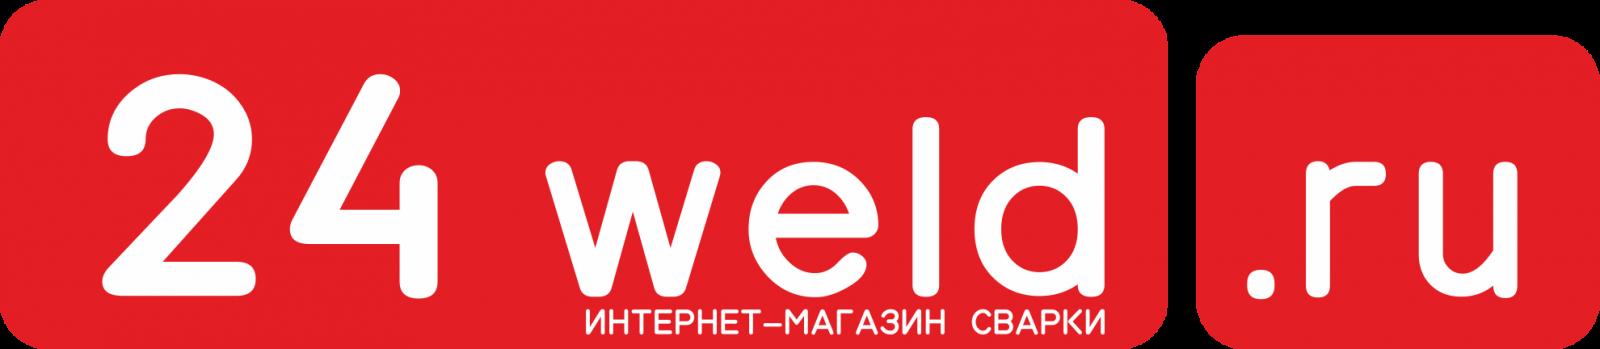 логотип 24weld плоский СВАРКА24